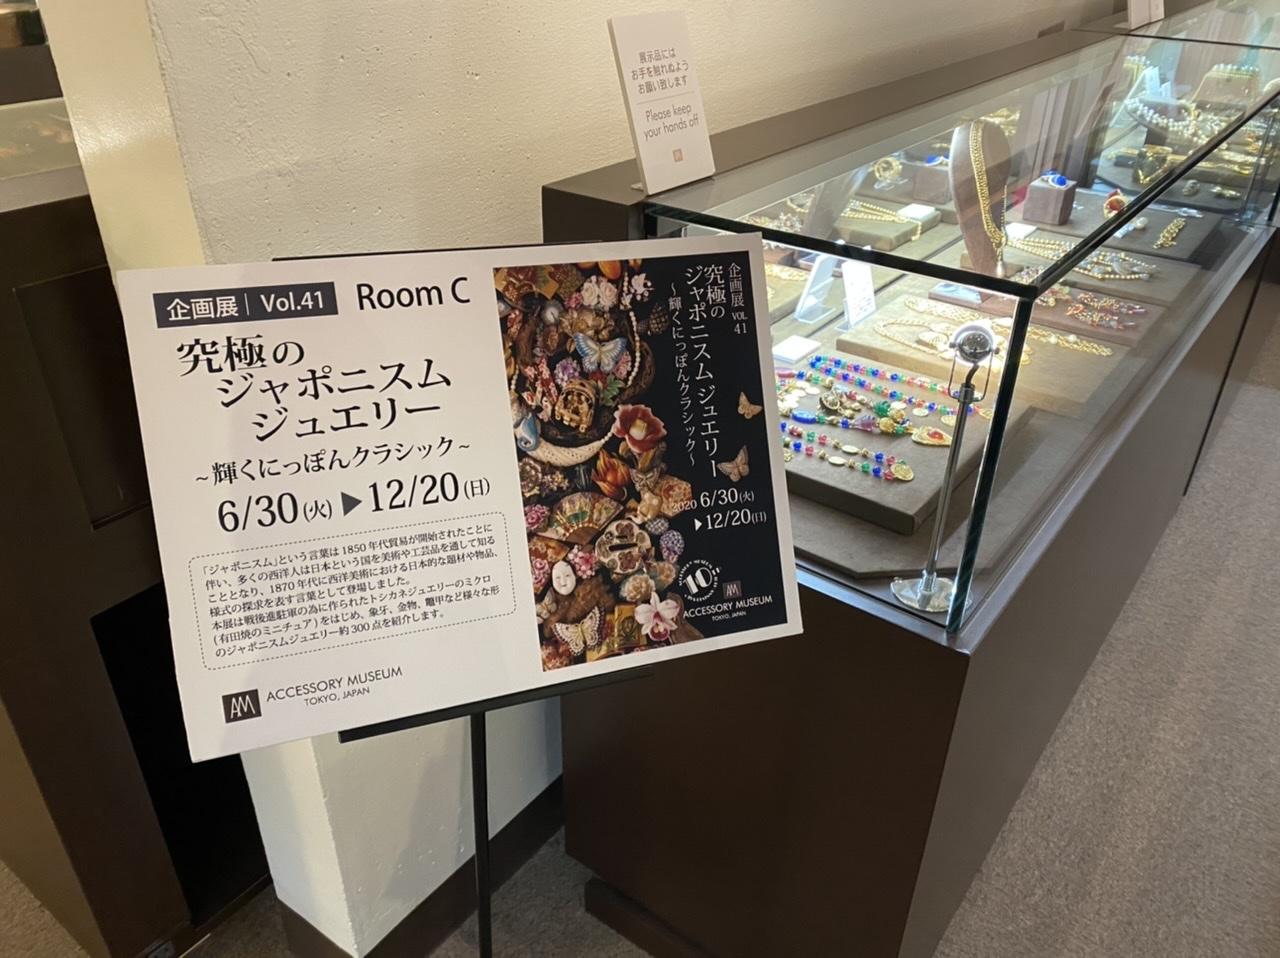 【祐天寺】アクセサリーミュージアム_1_5